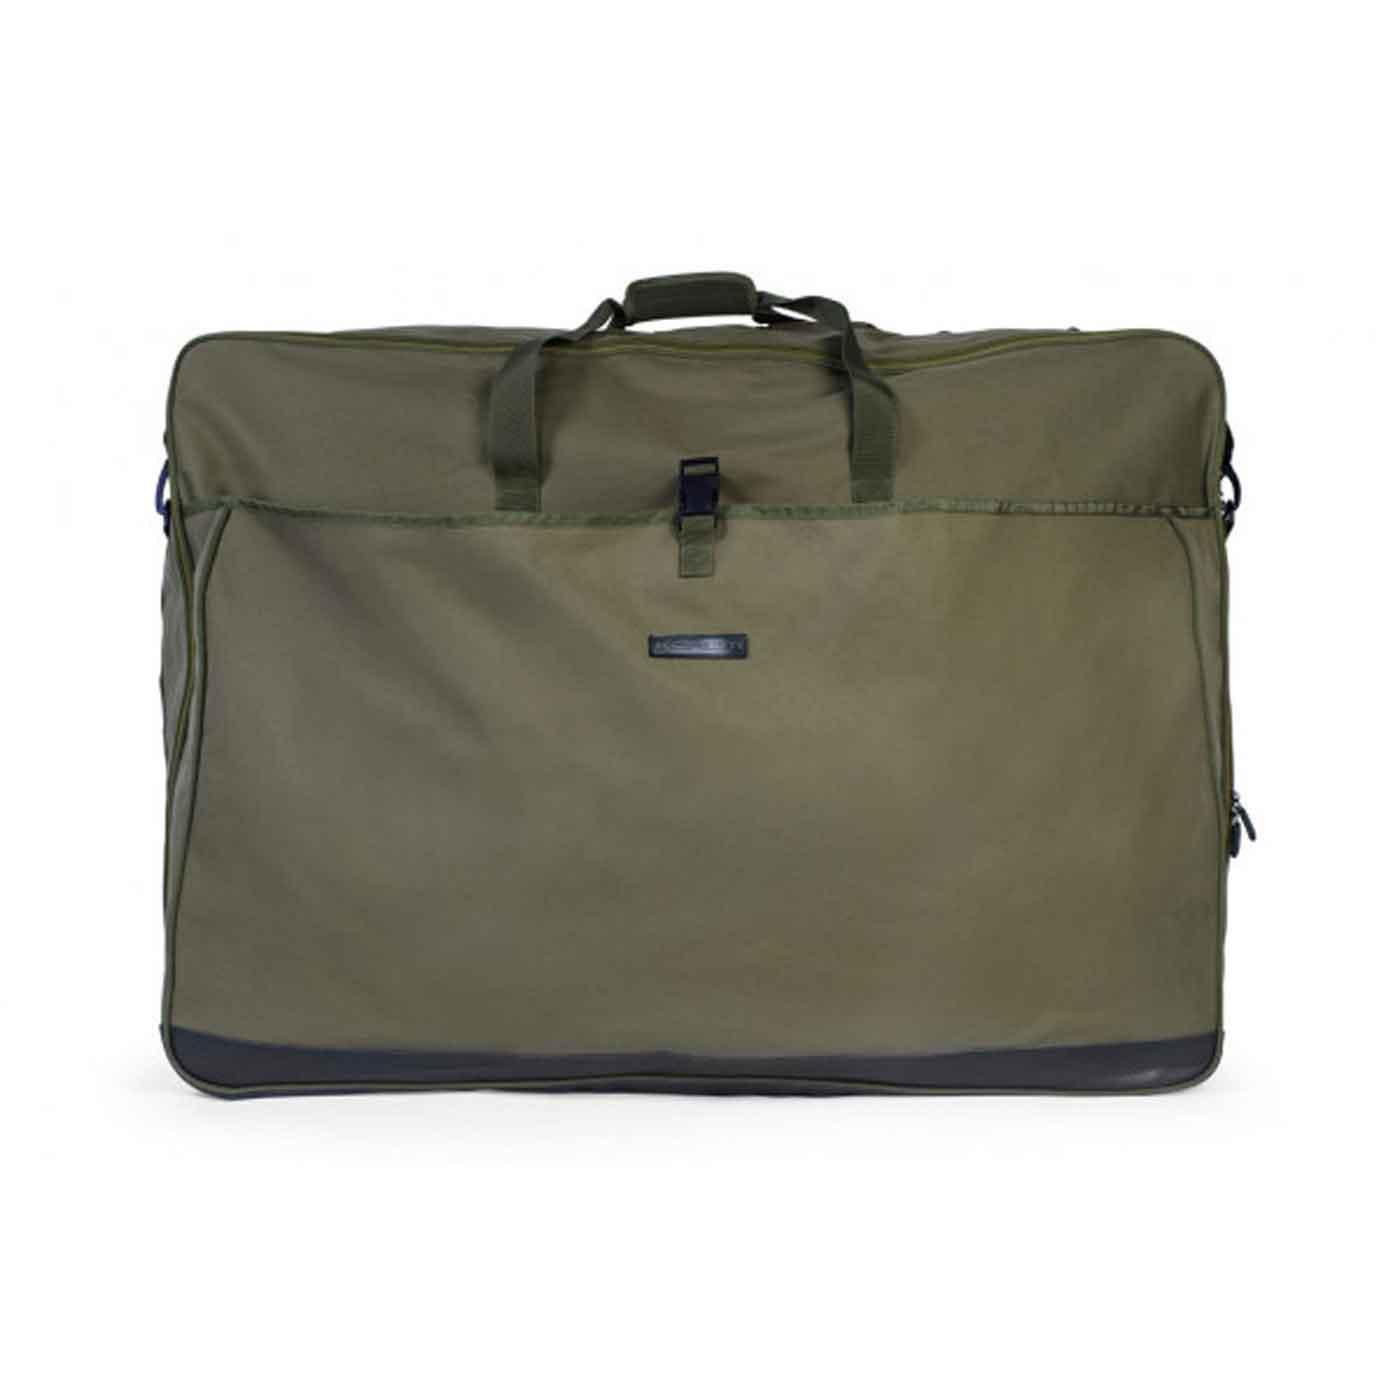 Korum Chair & Net Bag